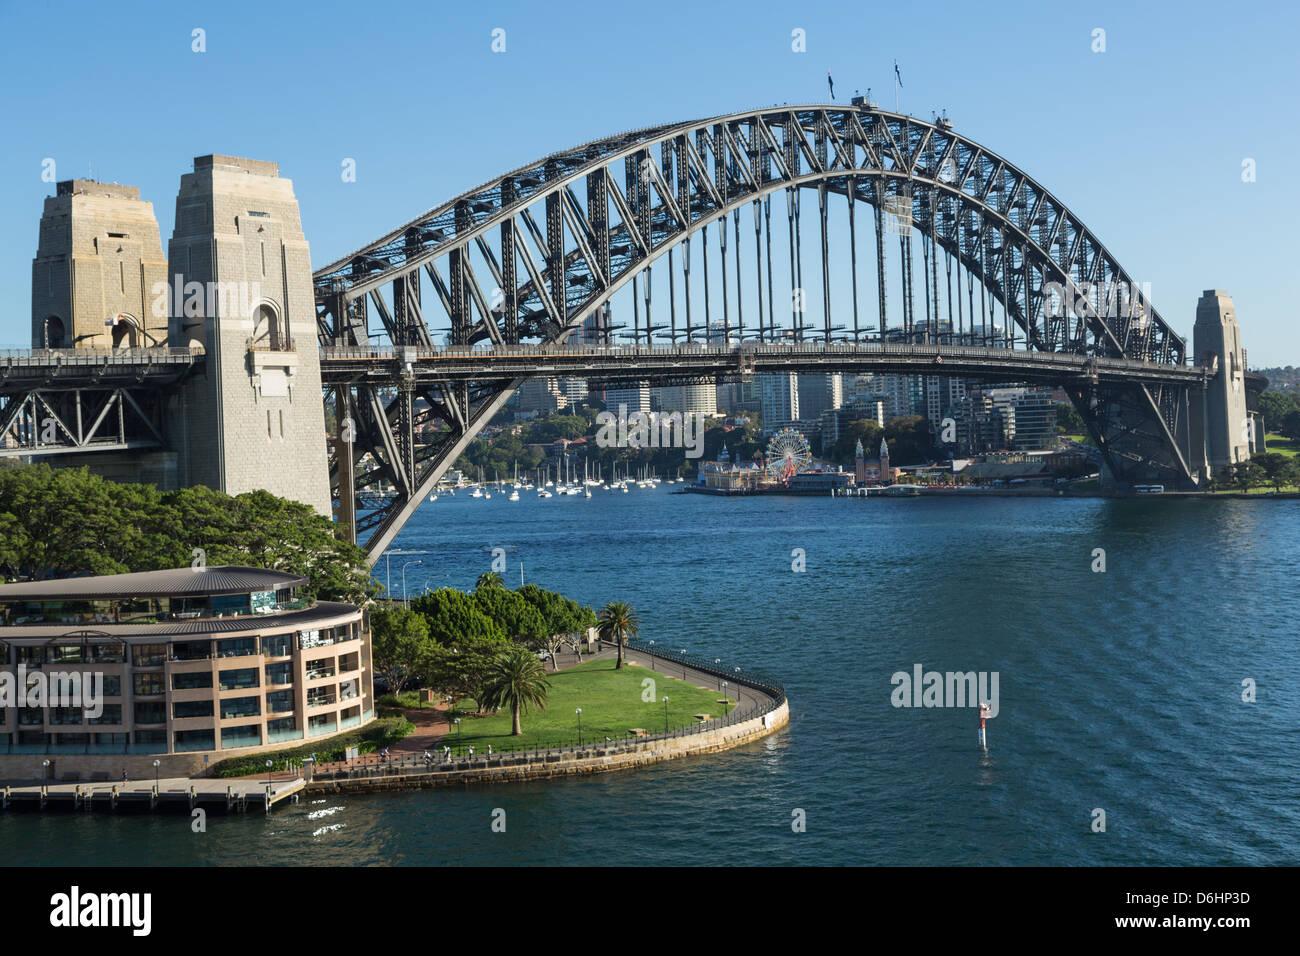 The Sydney Harbour Bridge And The Park Hyatt Sydney Hotel On A Sunny